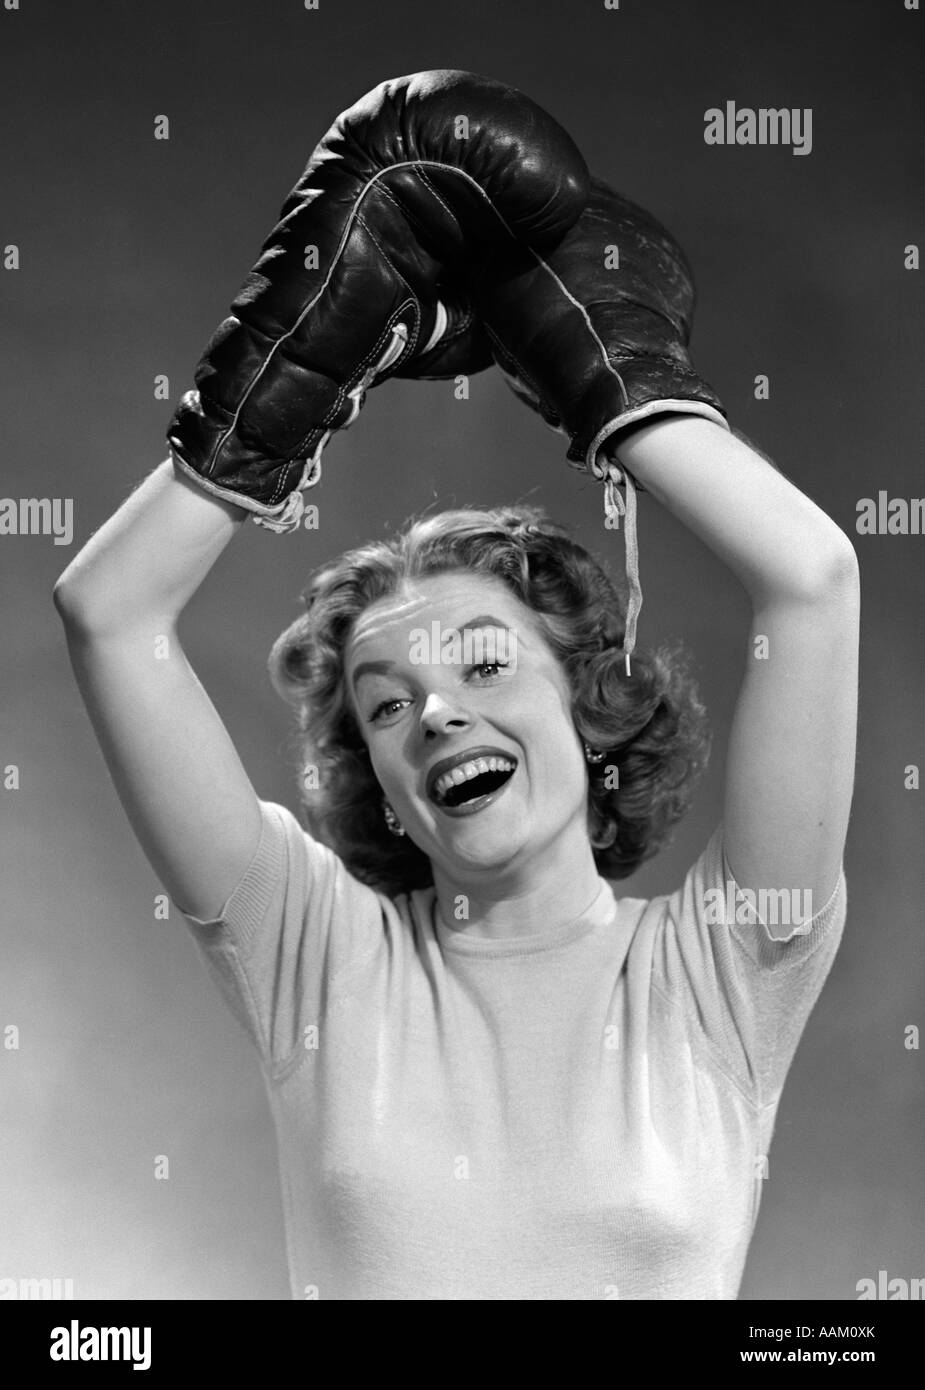 1950 Retrato de mujer vistiendo guantes de boxeo en pose ganadora brazos levantados mirando a la cámara superior Imagen De Stock